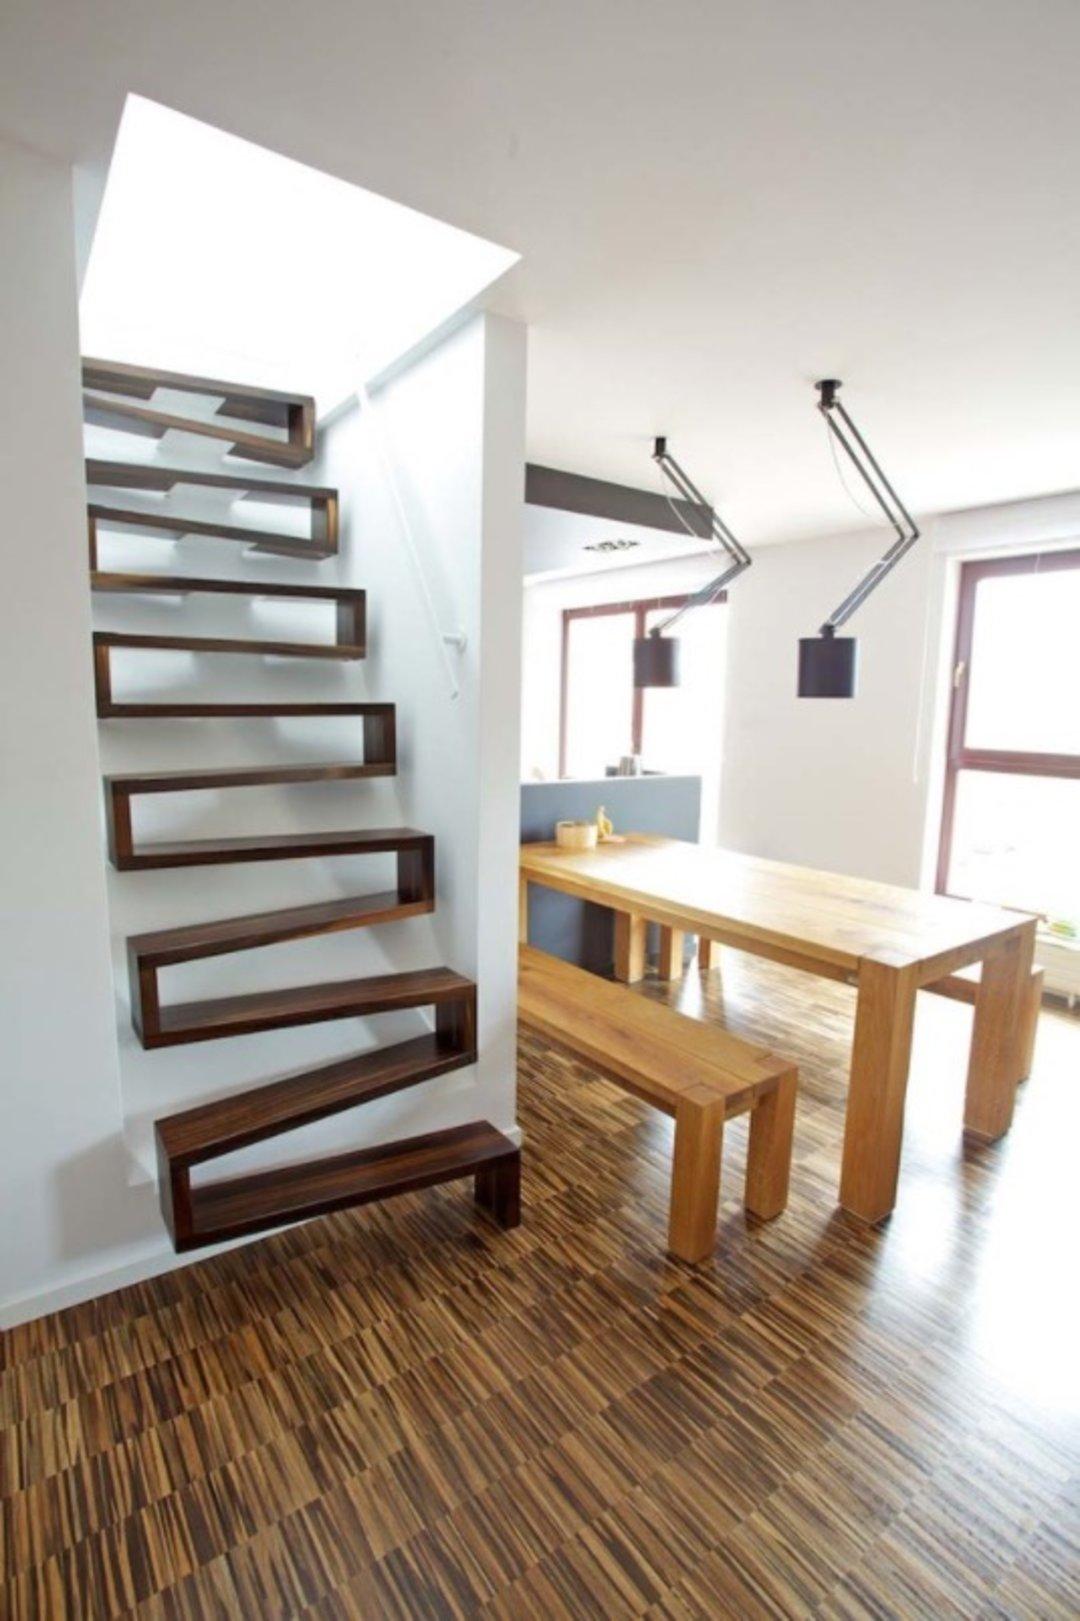 衔接空间,这里有几个有想法的楼梯 这个设计了不起_设计_好奇心日报